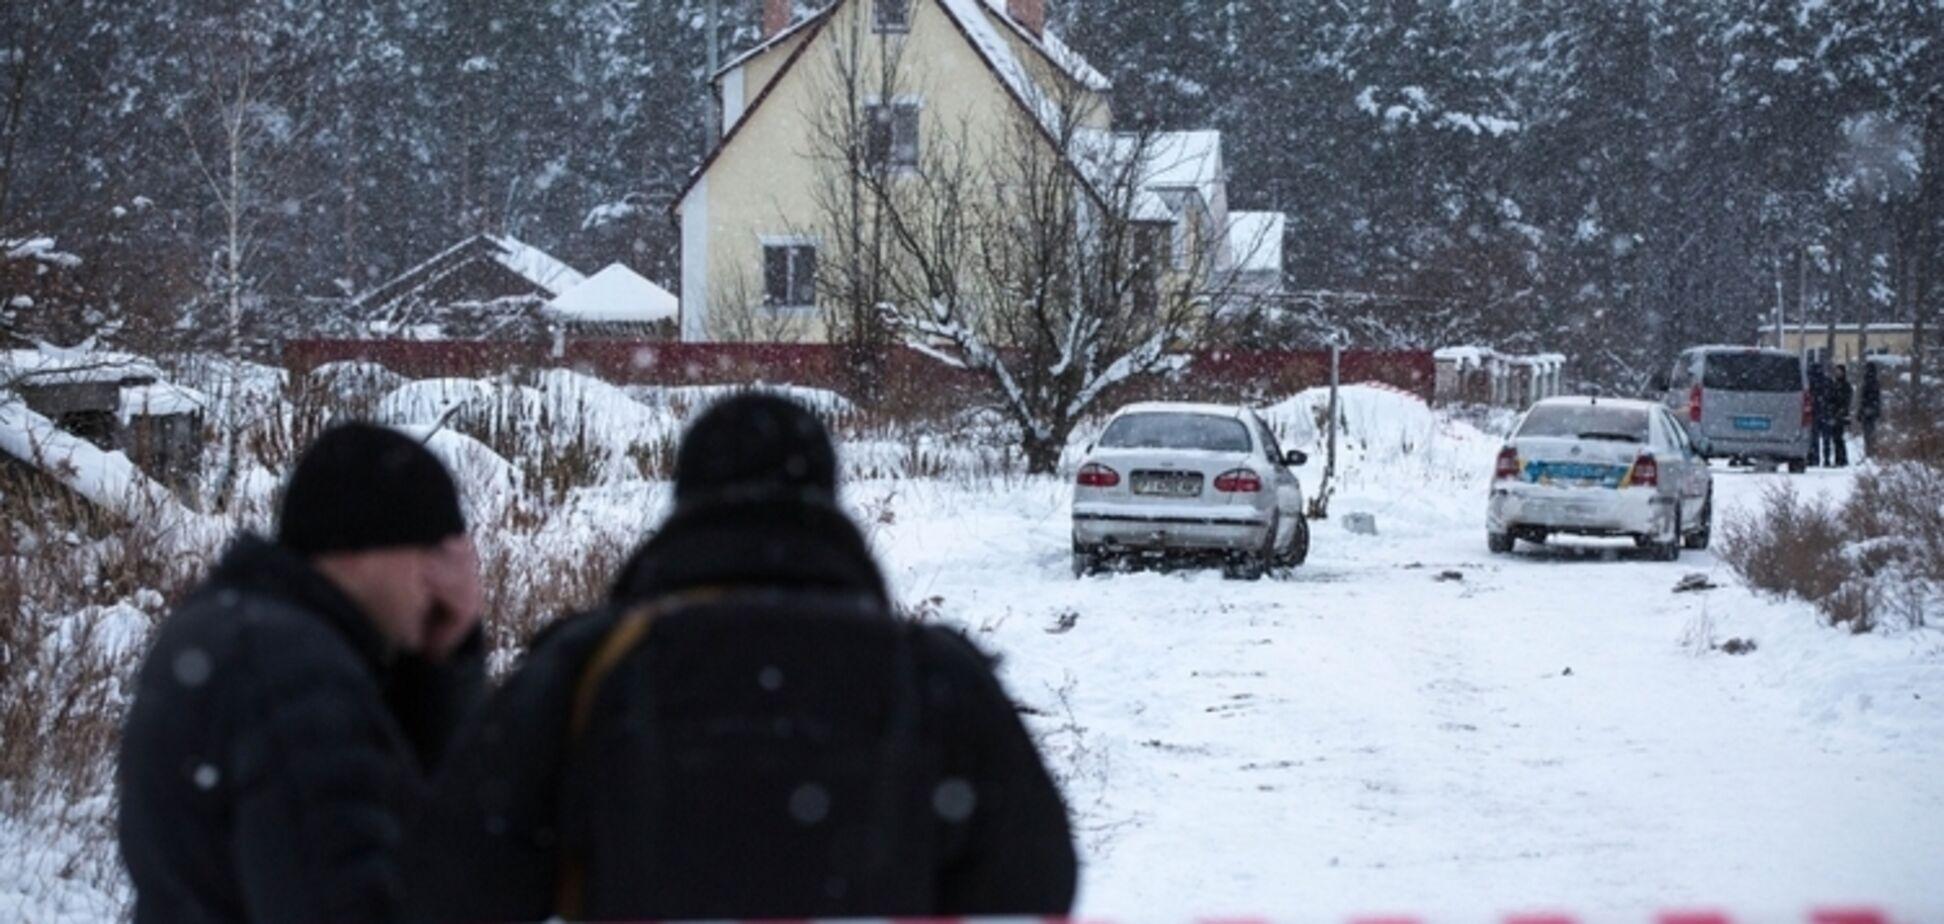 Годовщина расстрела в Княжичах: отец погибшего полицейского указал на подозрительные моменты